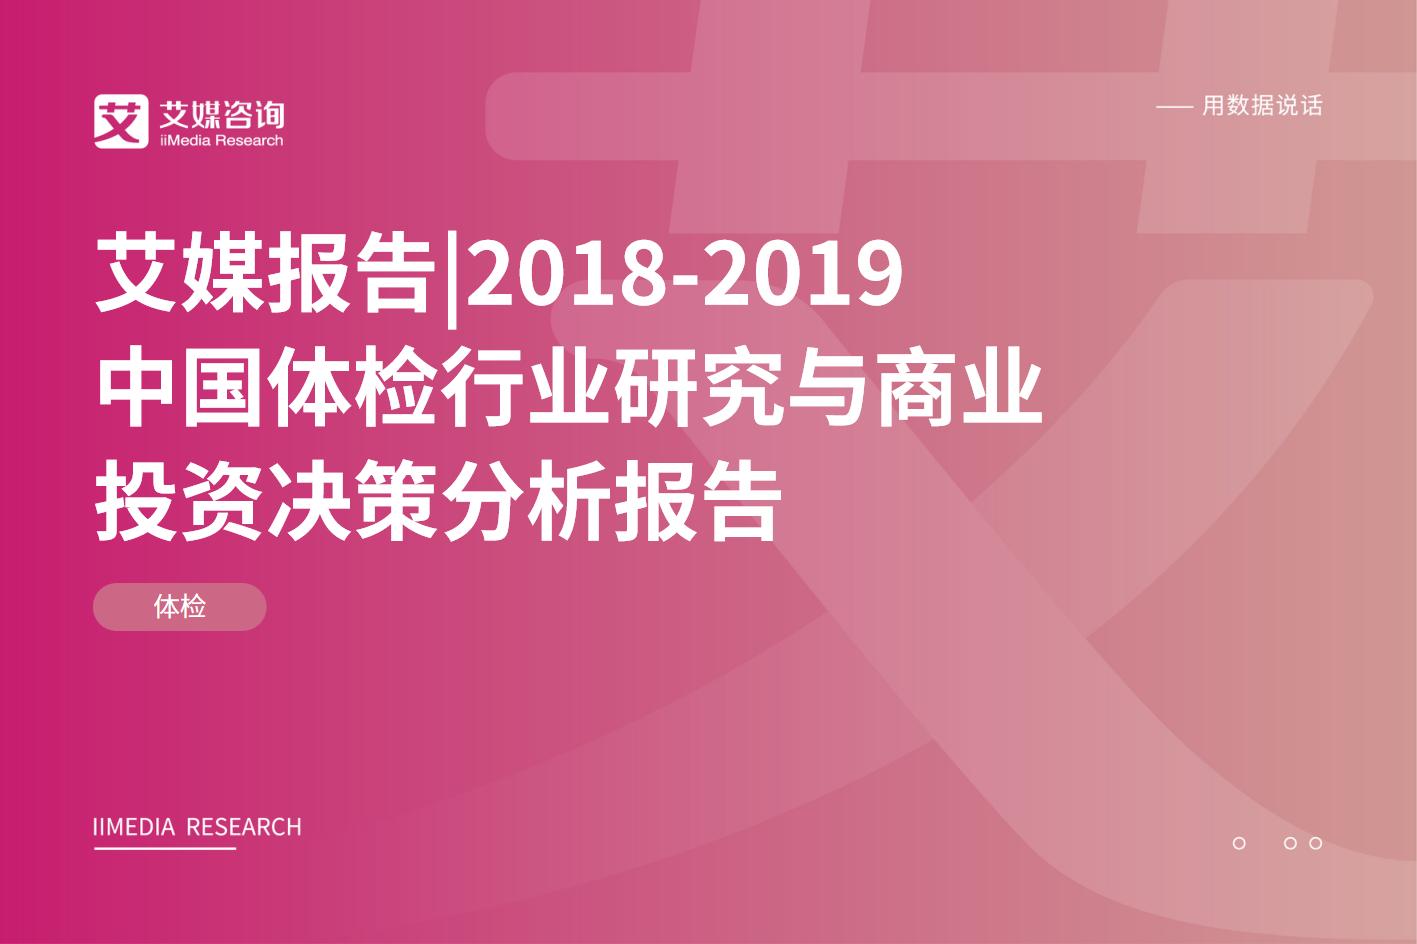 艾媒报告 |2018-2019中国体检行业研究与商业投资决策分析报告